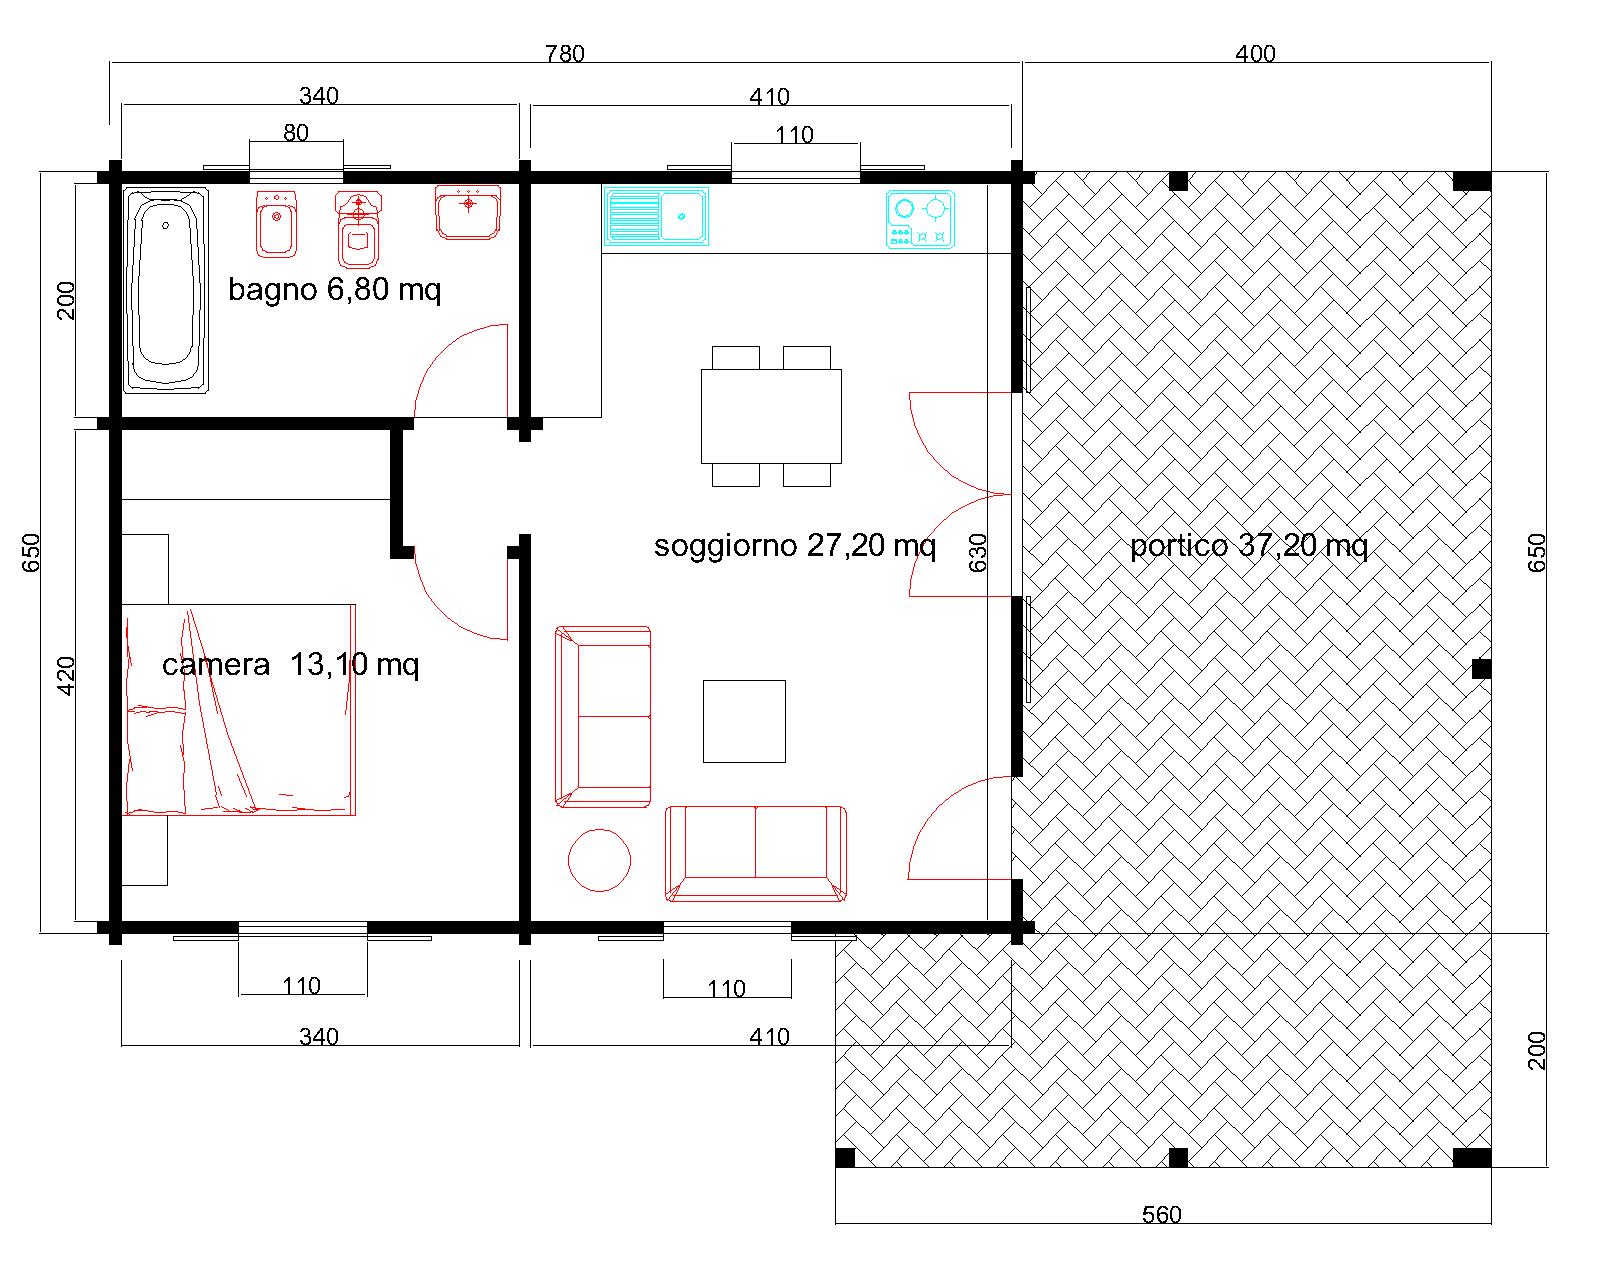 progetti di case in legno casa 51 mq portico 37 mq